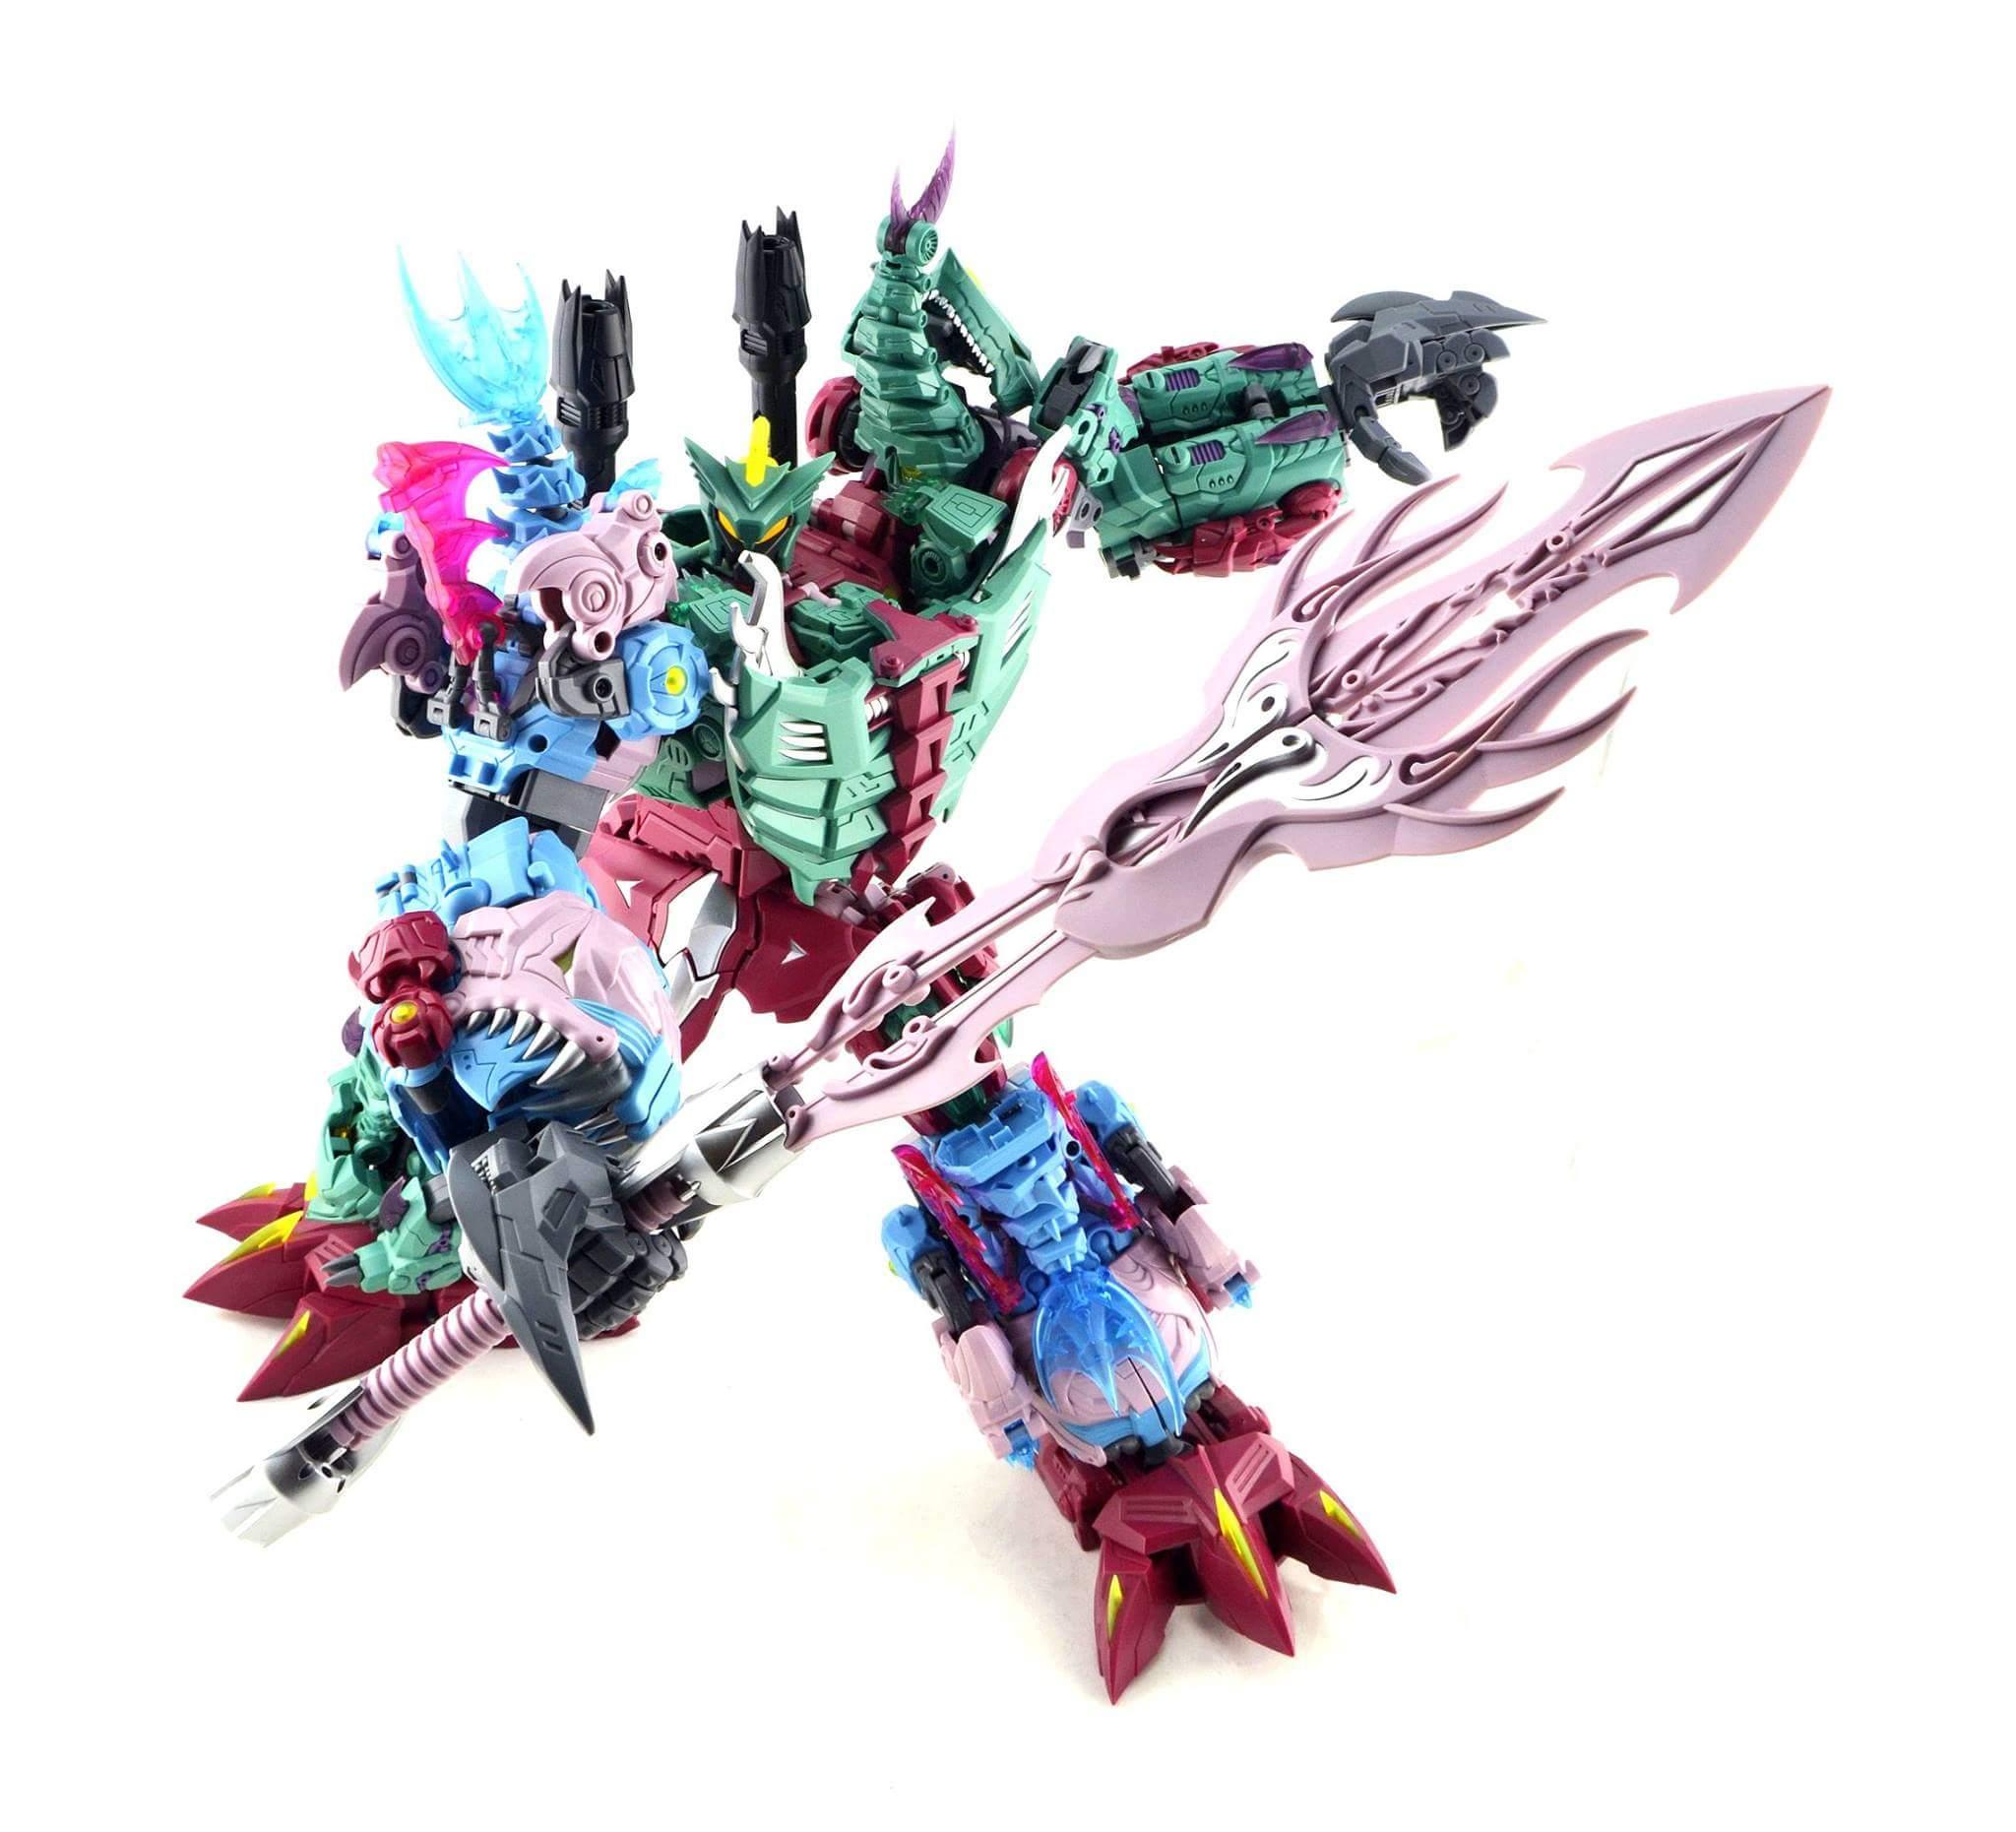 [TFC Toys] Produit Tiers - Jouet Poseidon - aka Piranacon/King Poseidon (TF Masterforce) - Page 3 VdHA1JO2